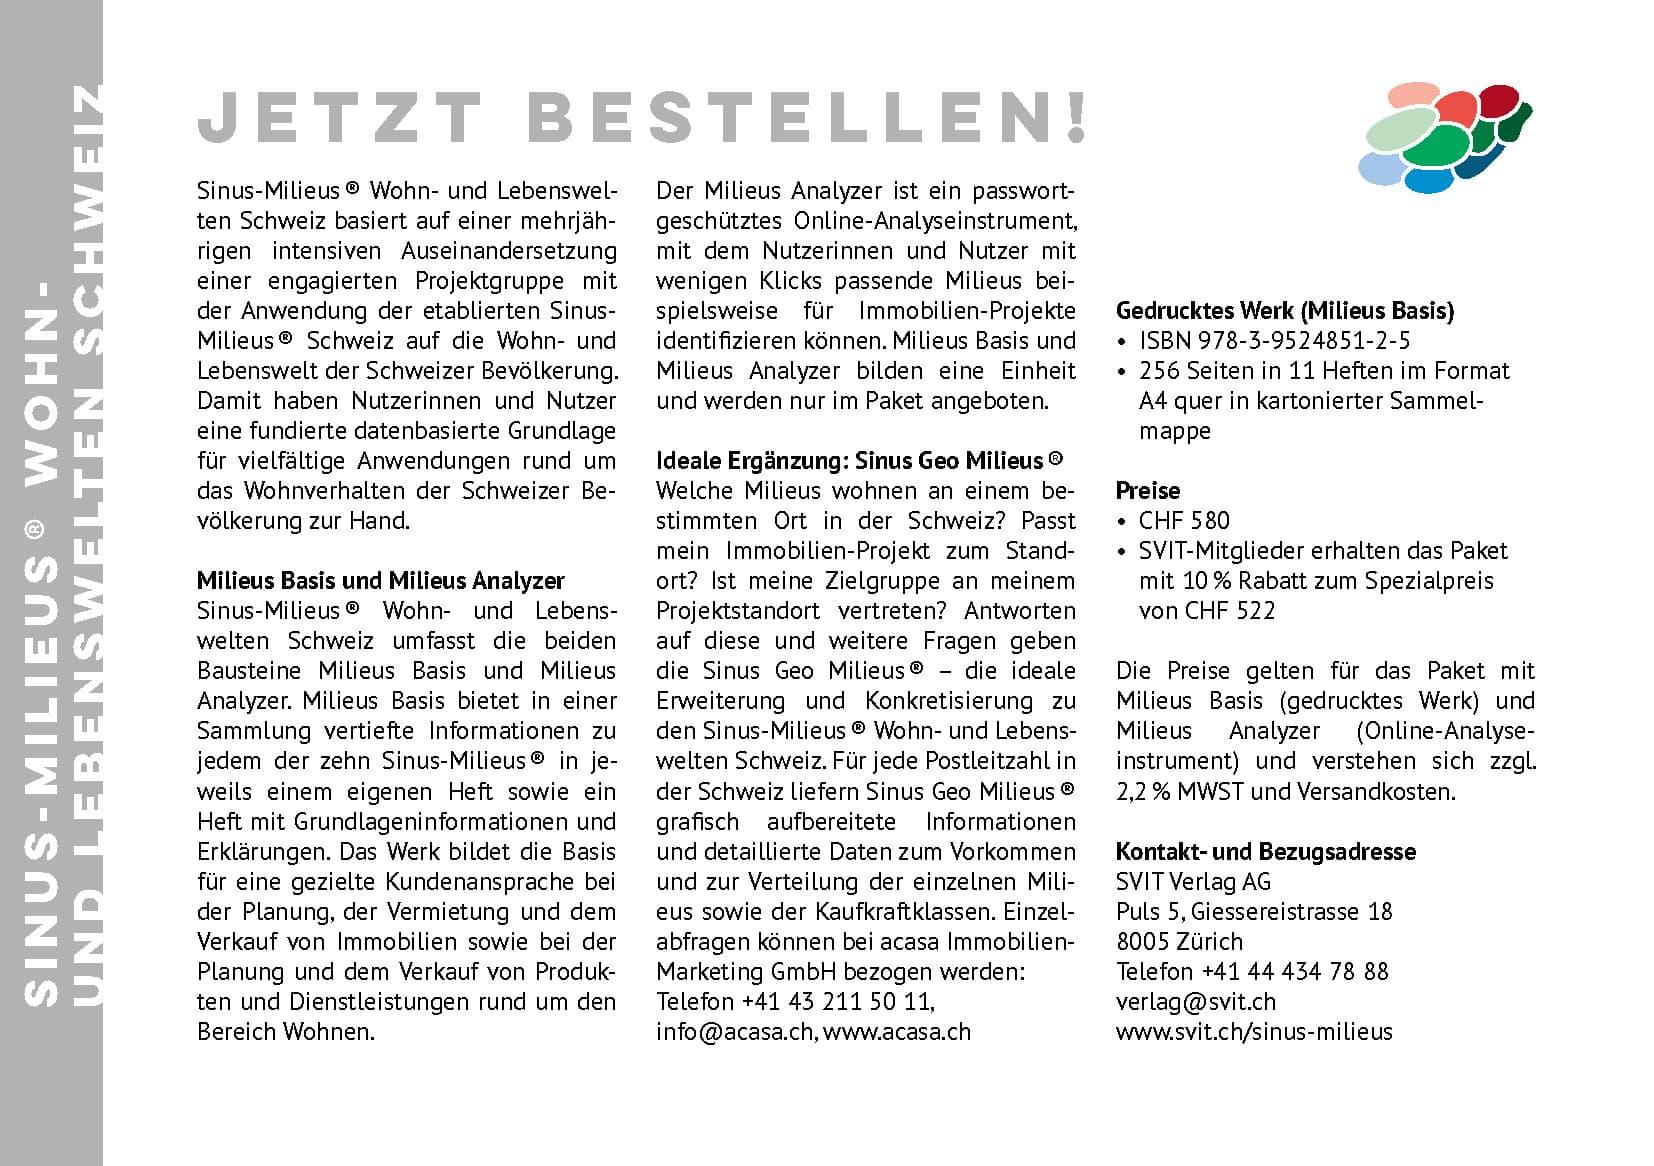 Wohn- und Lebenswelten in der Schweiz herausgegeben von acasa & SVIT Verlag